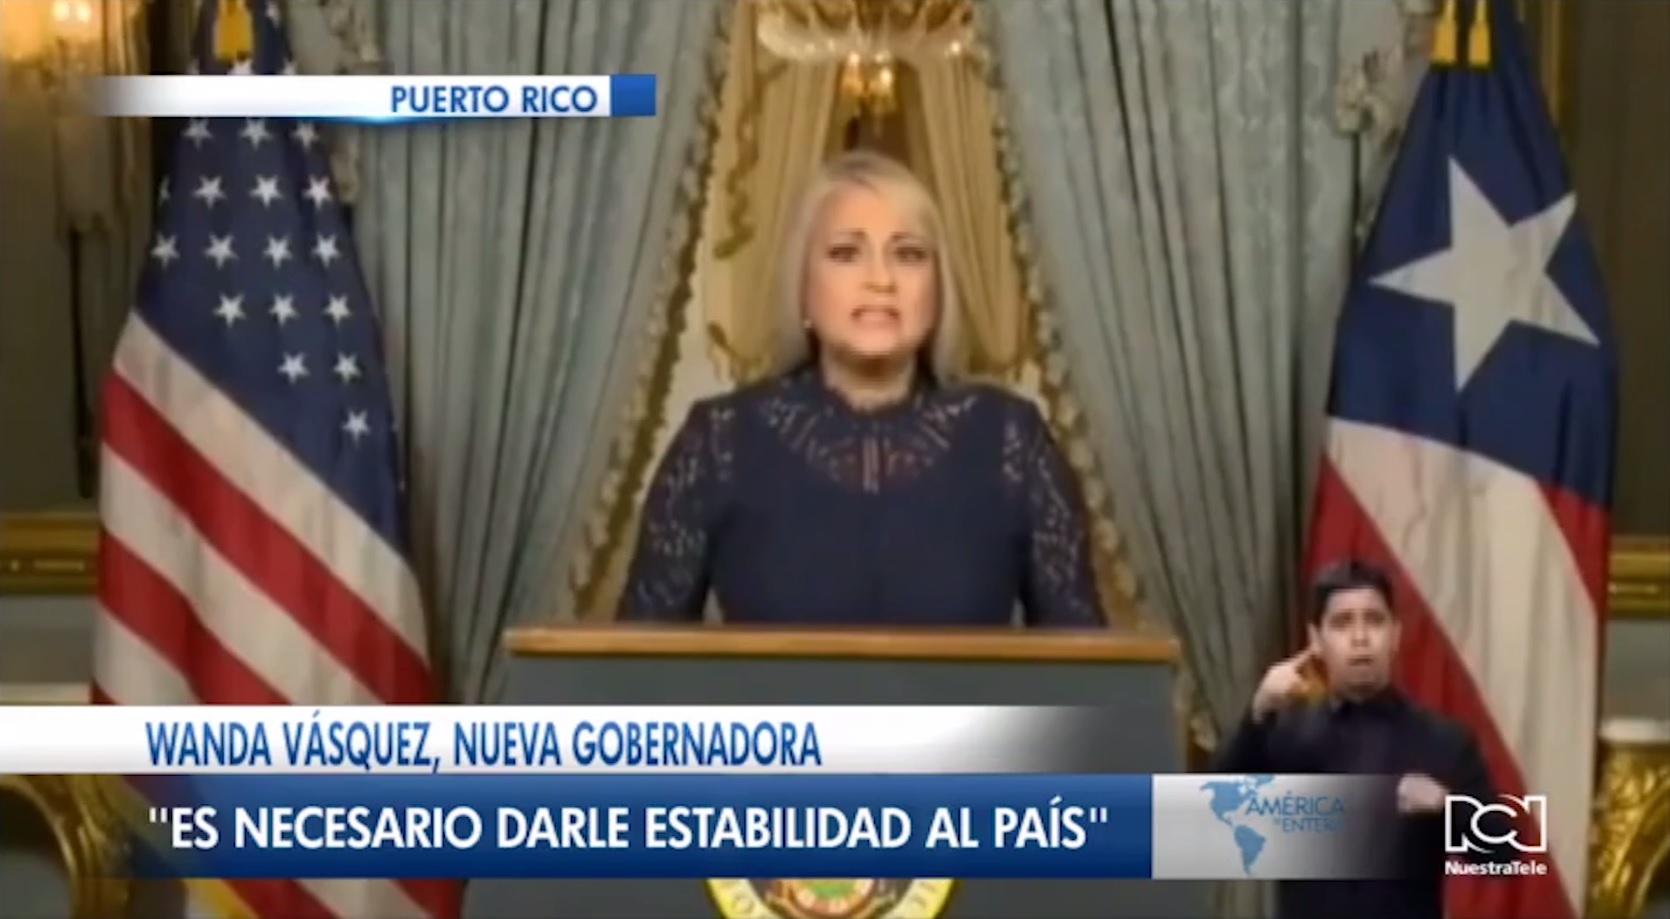 Wanda Vásquez asumió la gobernación de Puerto Rico